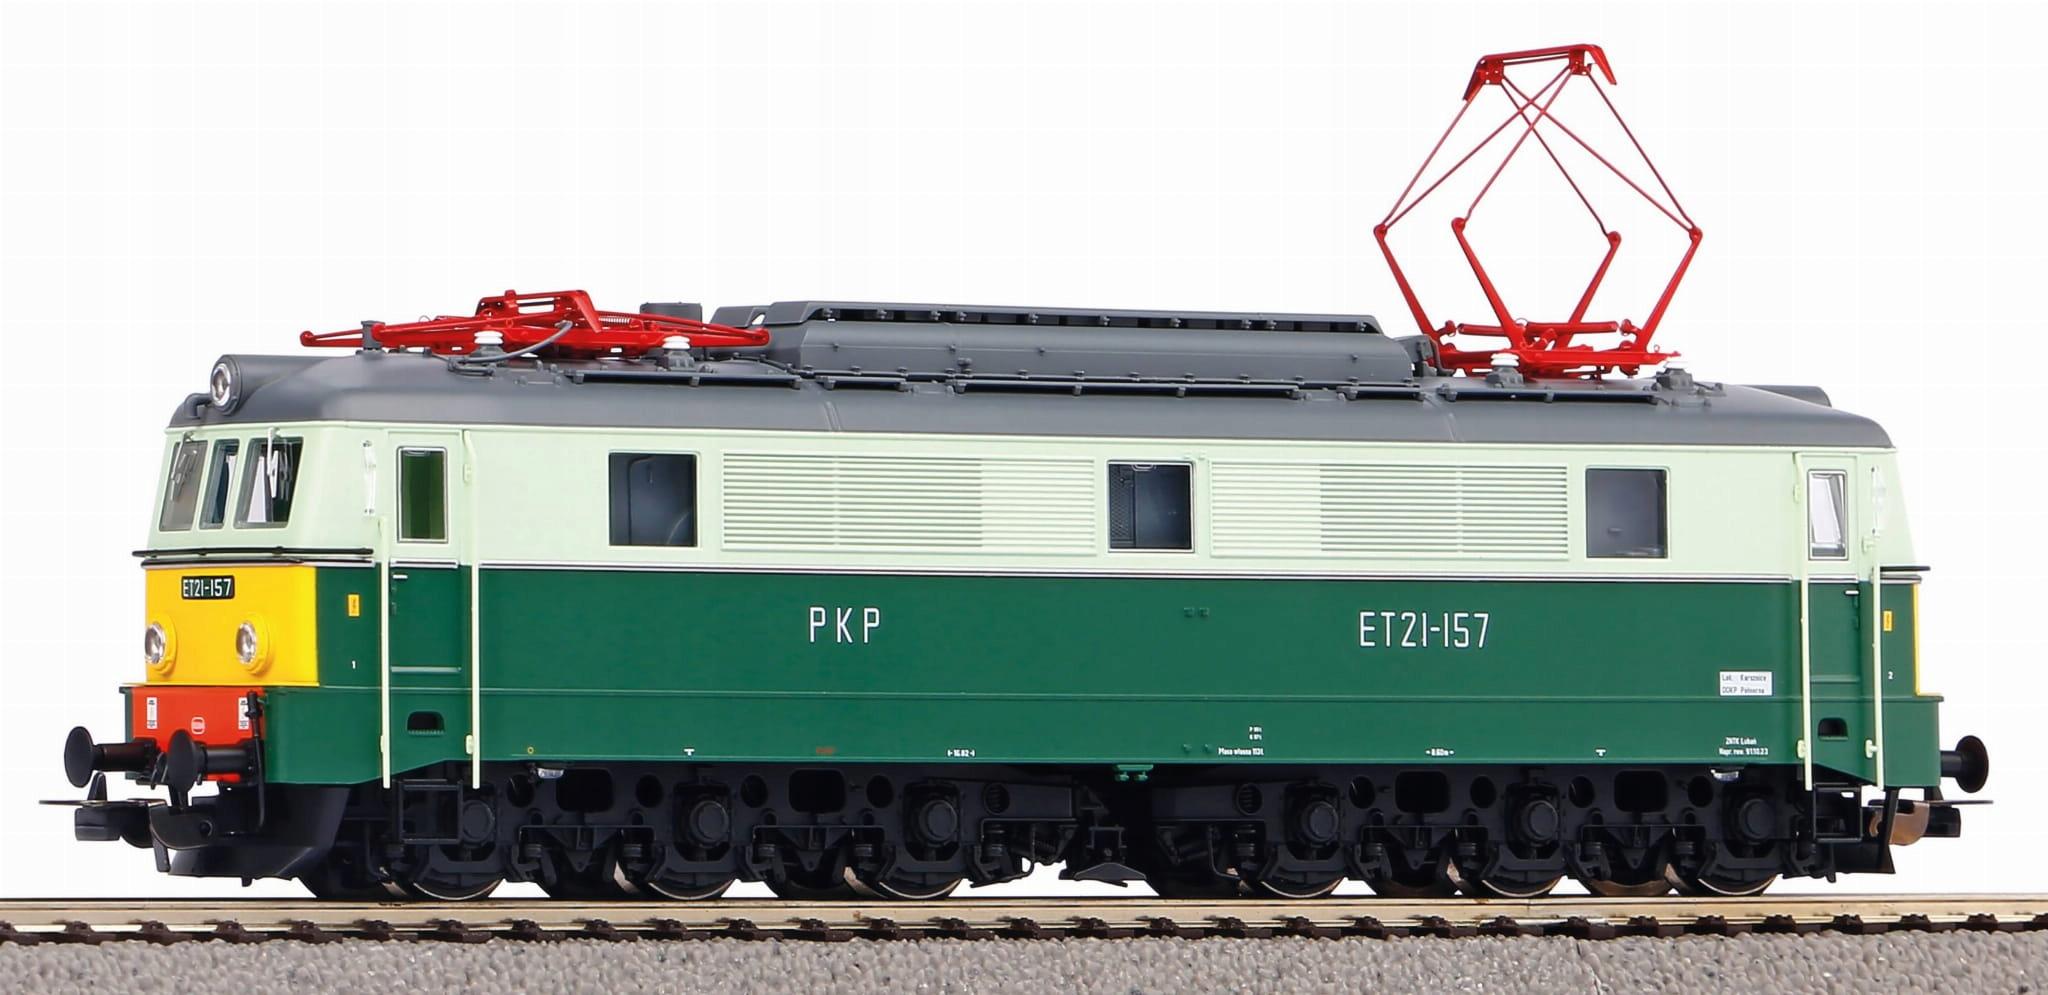 ПИКО 51600 Н0 - электровоз ПКП ЭТ21-157